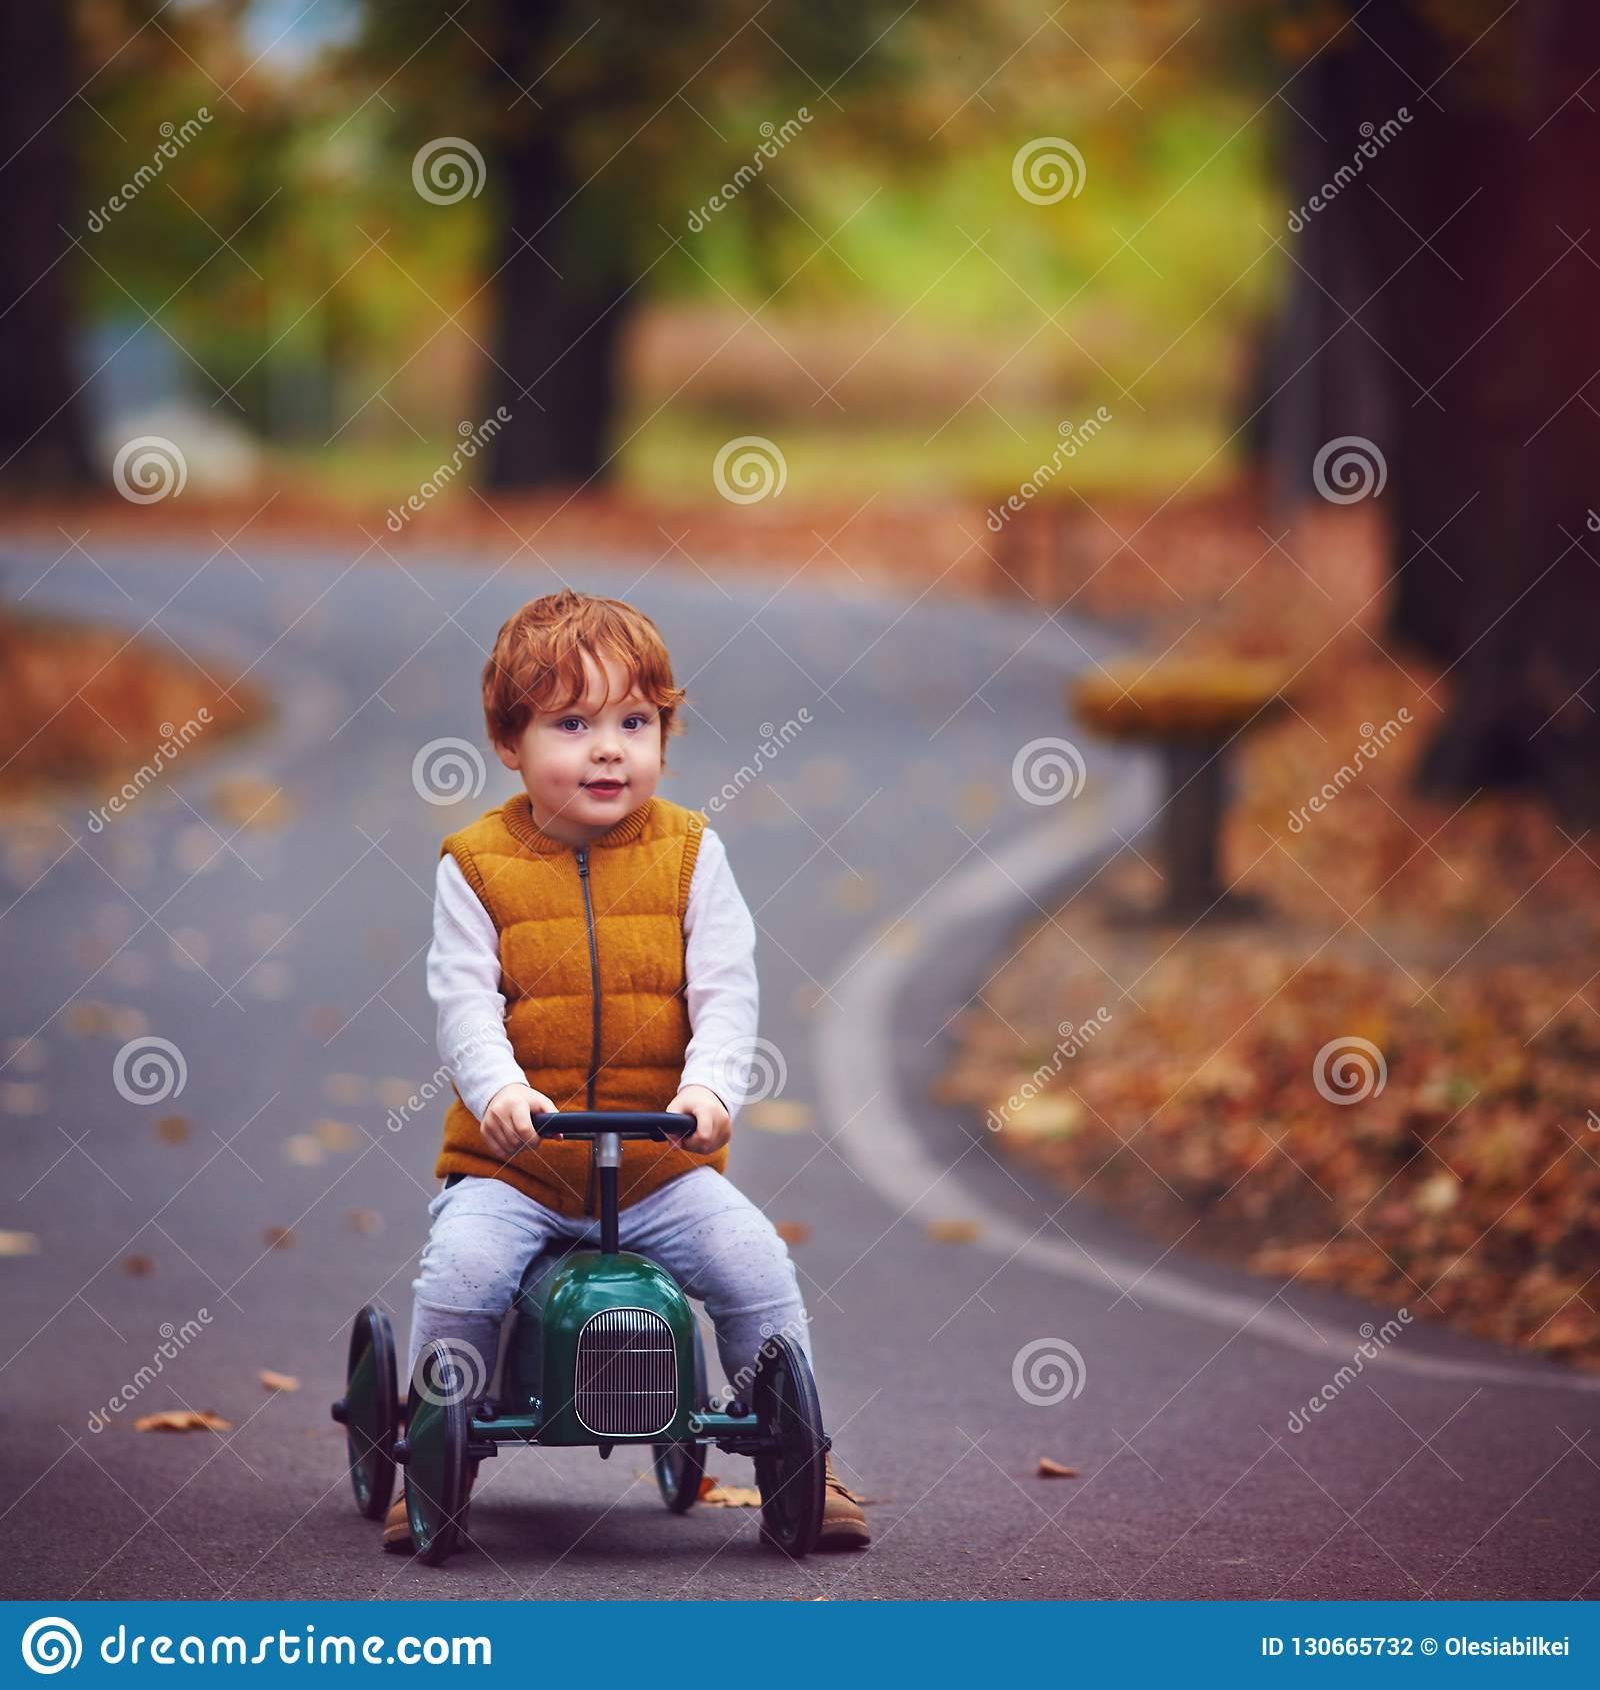 Cute redhead baby boy driving a push car in autumn park